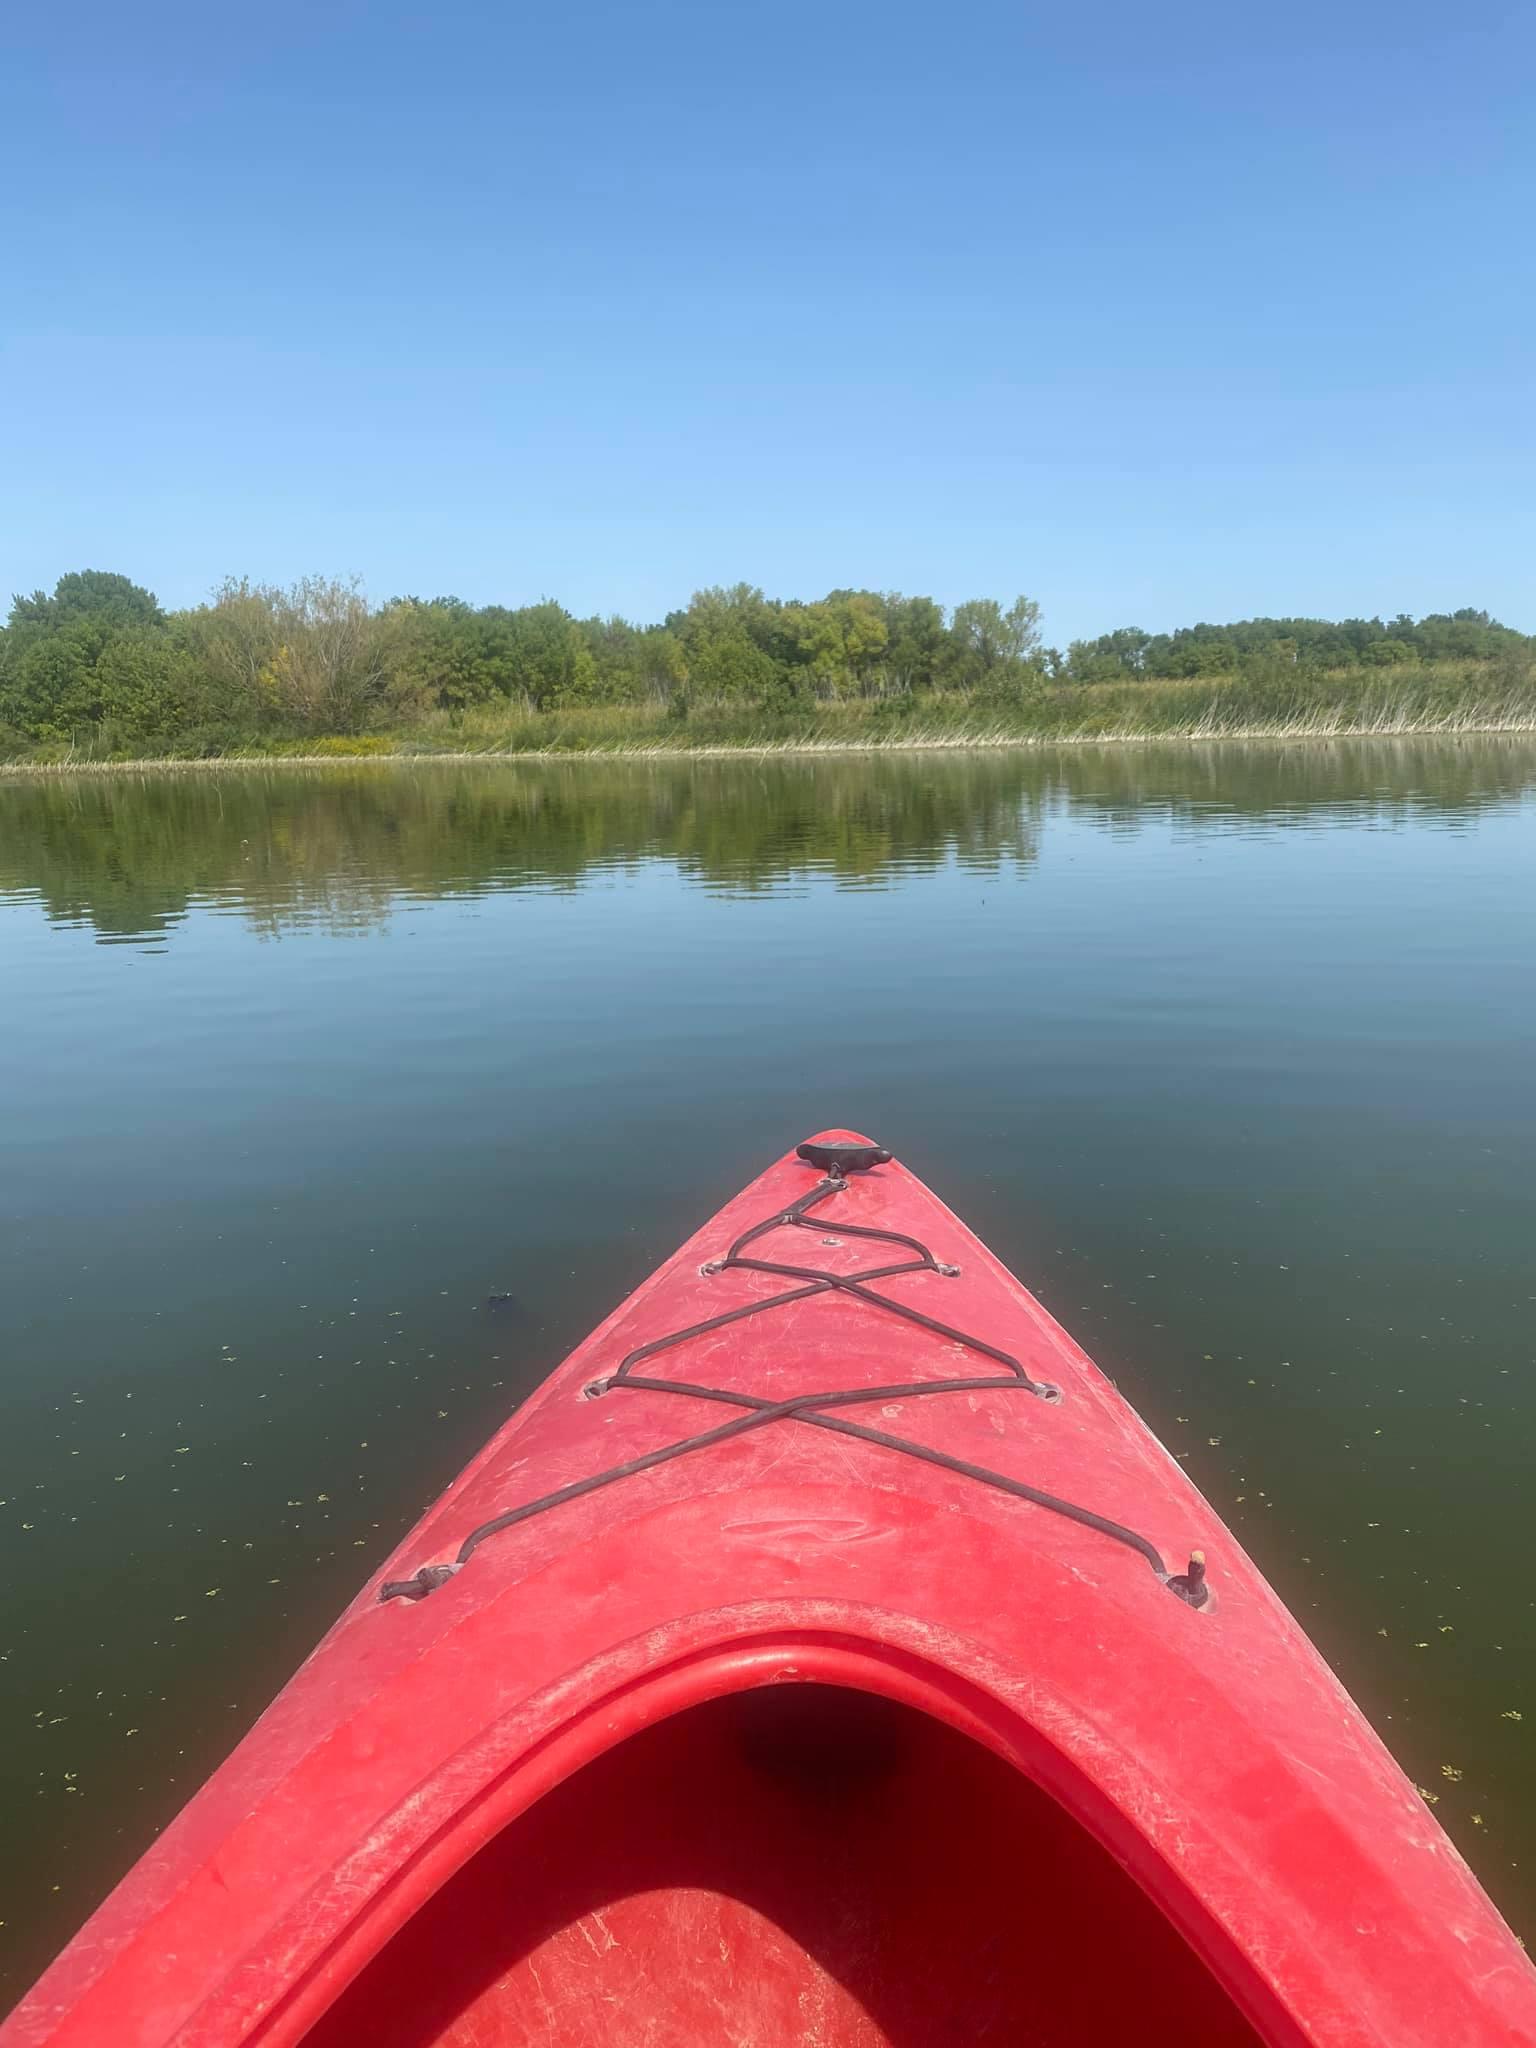 kayak on lake 2